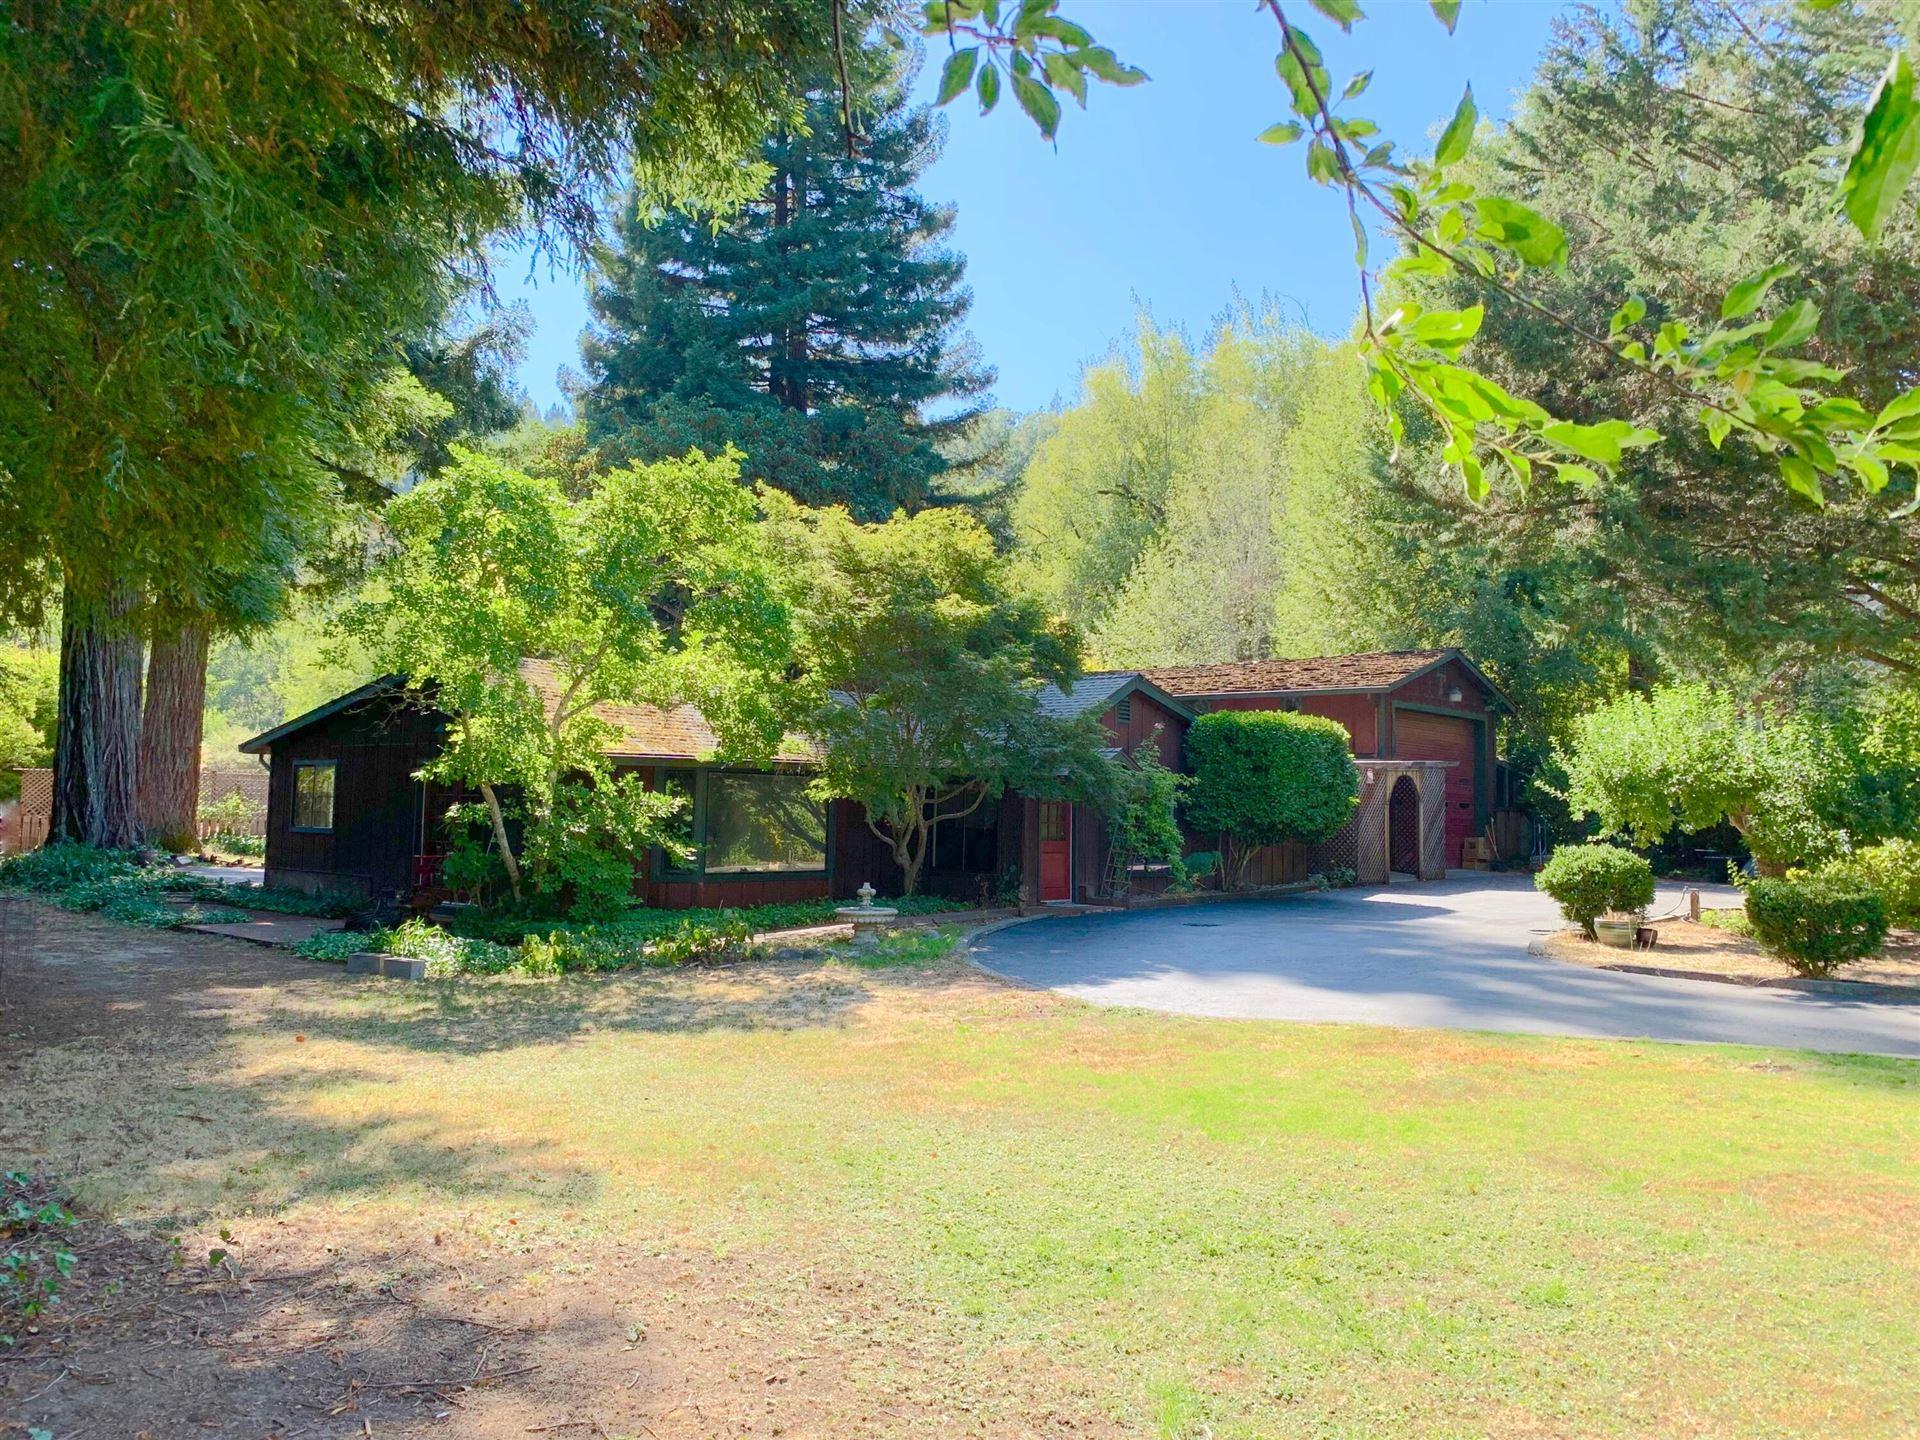 7571 Benbow Drive, Garberville, CA 95542 - MLS#: 259543